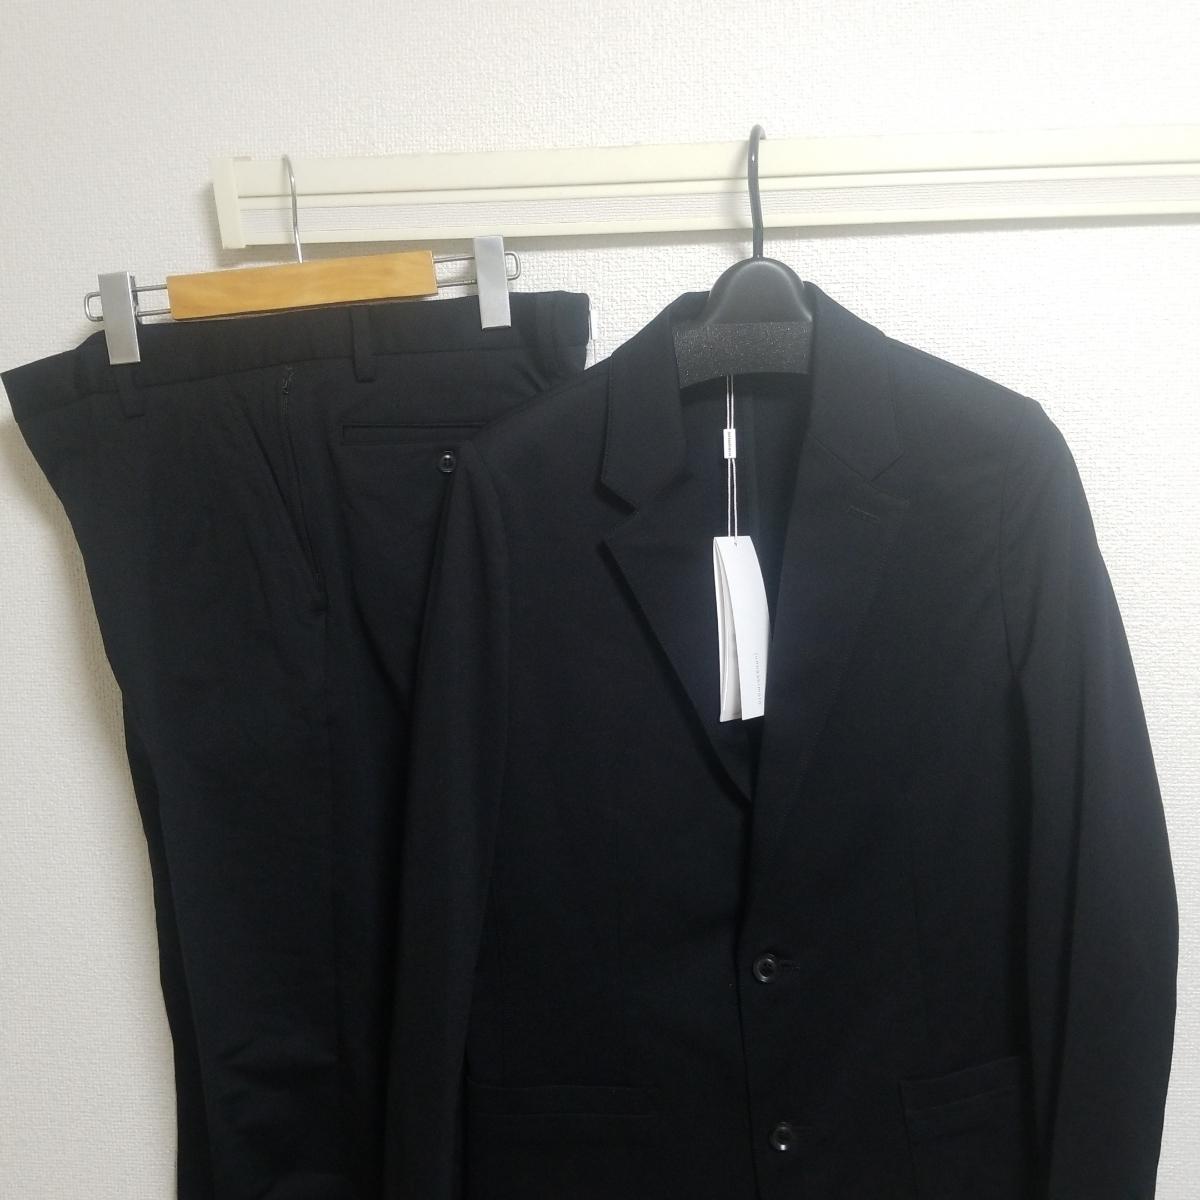 極美品19SS junhashimoto ブラック ジャージーセットアップ size4 JERSEY JACKET 1031910007 JERSEY TUCK PANTS1071910012 wjkAKM1piu_画像9